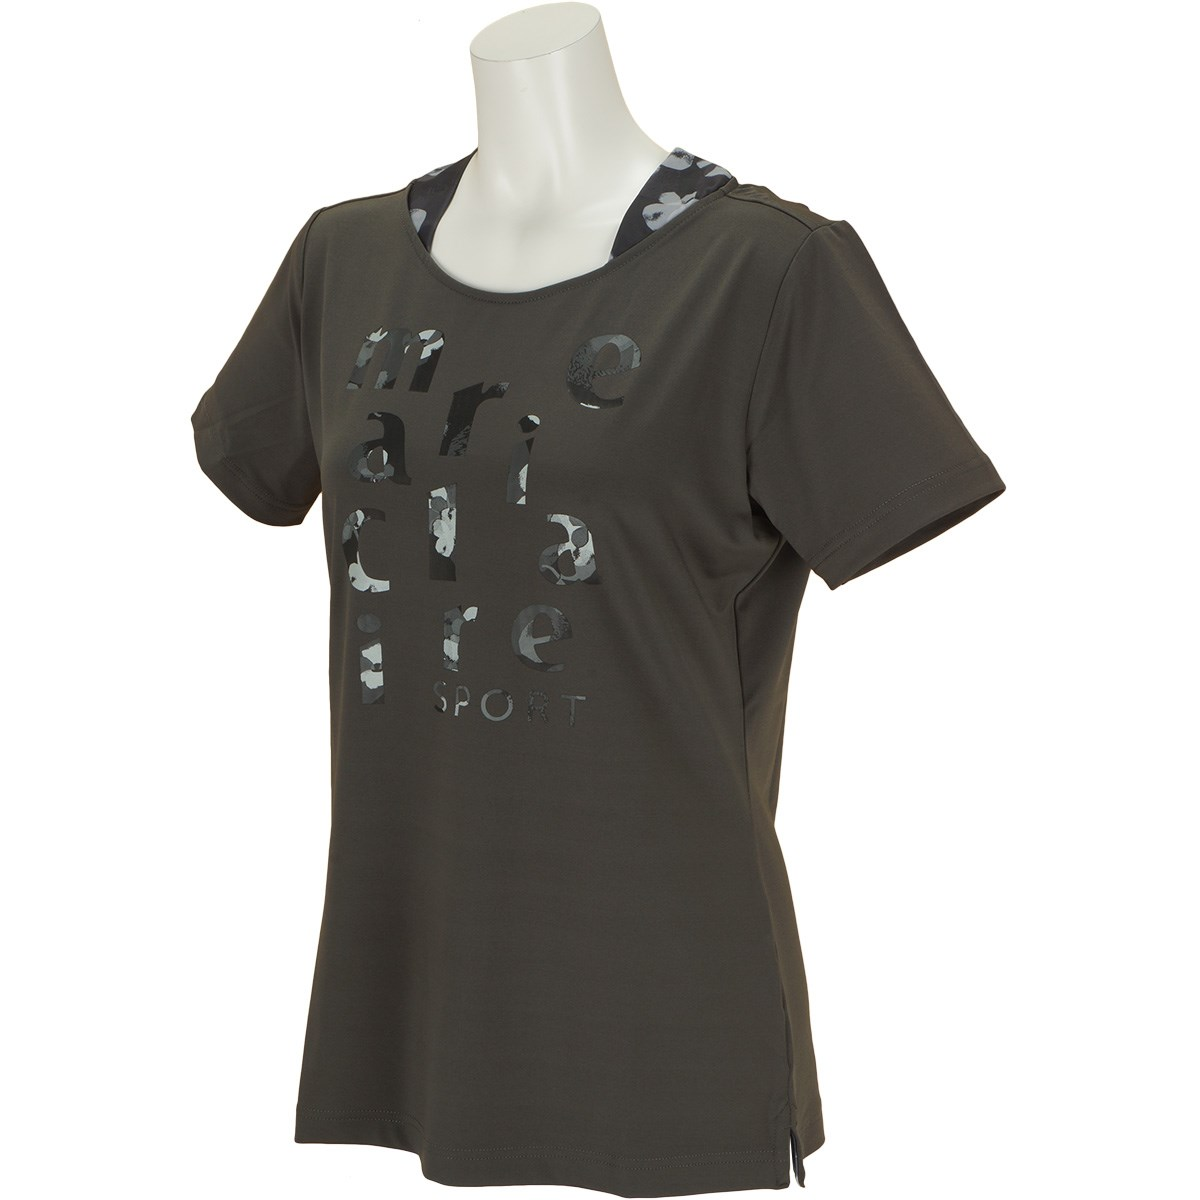 マリクレール marie claire 半袖Tシャツ M チャコールグレー レディス